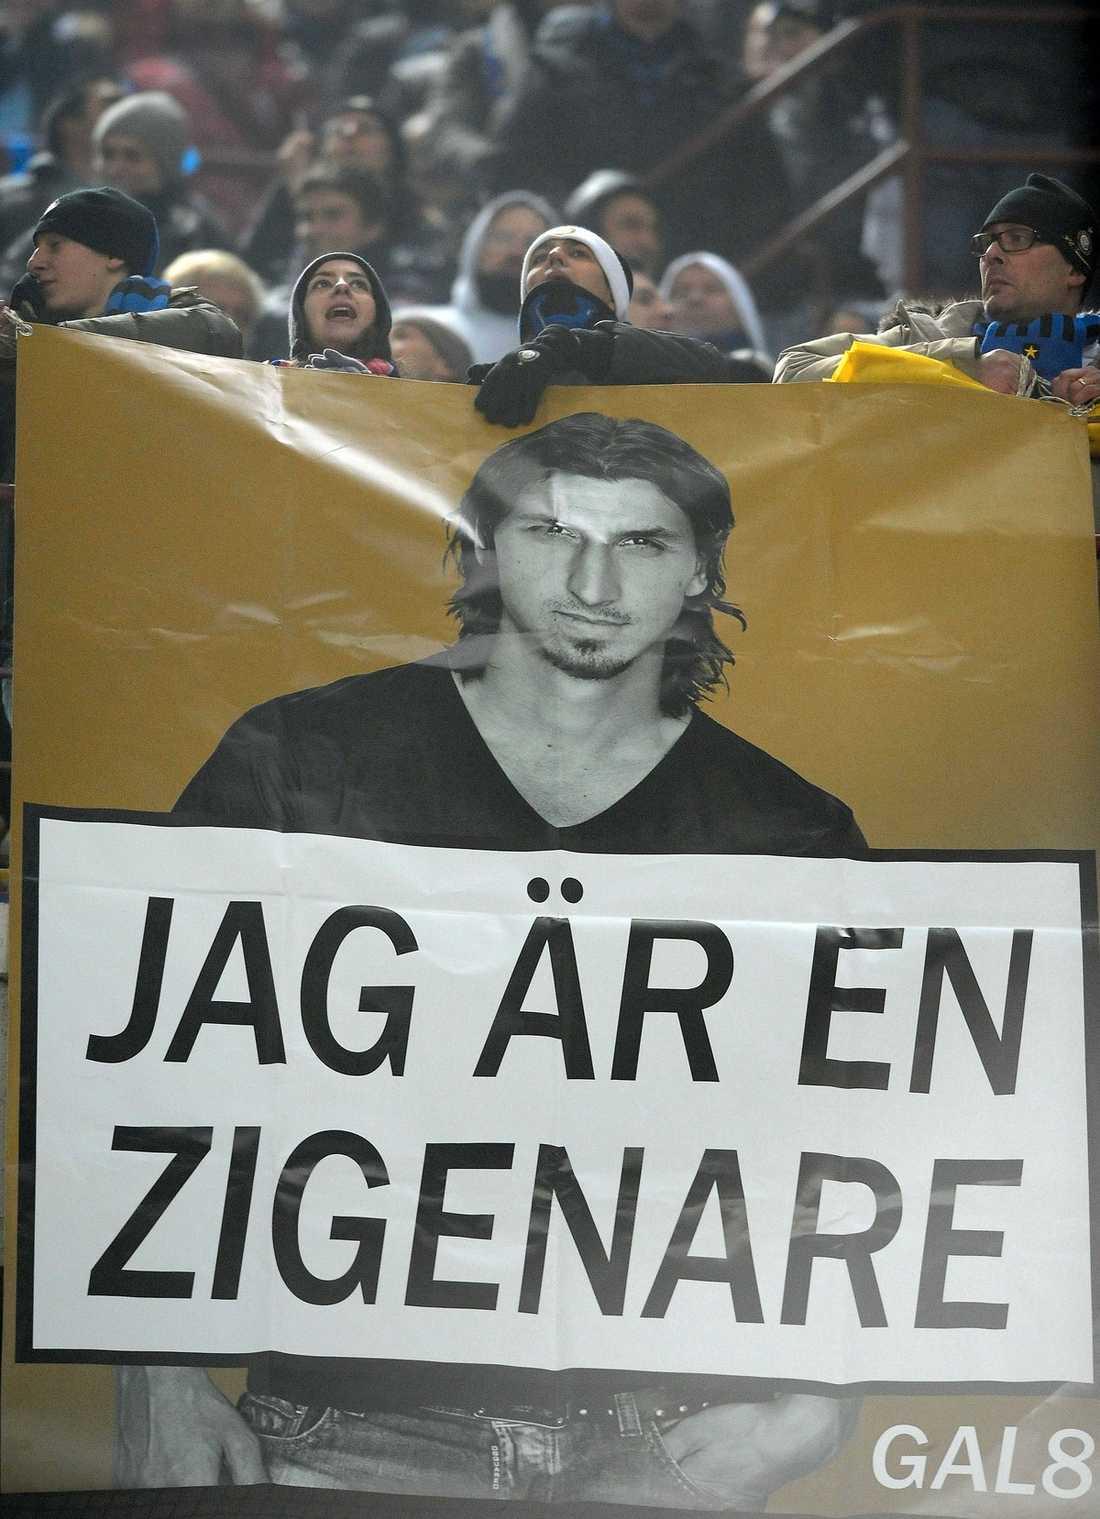 """BANDEROLLEN SIGNERAD """"GAL8"""" Bilden är tagen den 15 januari 2012 i derbyt mellan Milan och Inter när Zlatan Ibrahimovic spelade för den förstnämnda klubben. Banderollen är gjord som omslaget till Zlatan Ibrahimovics självbiografi, men där texten bytts ut till """"Jag är zigenare"""". Längst ner till höger har den signerats med """"GAL8"""" och högst upp syns, enligt uppgifter till Sportbladet, Jonas Galotta som är en av de nya makthavarna runt AIK Hockeys verksamhet."""